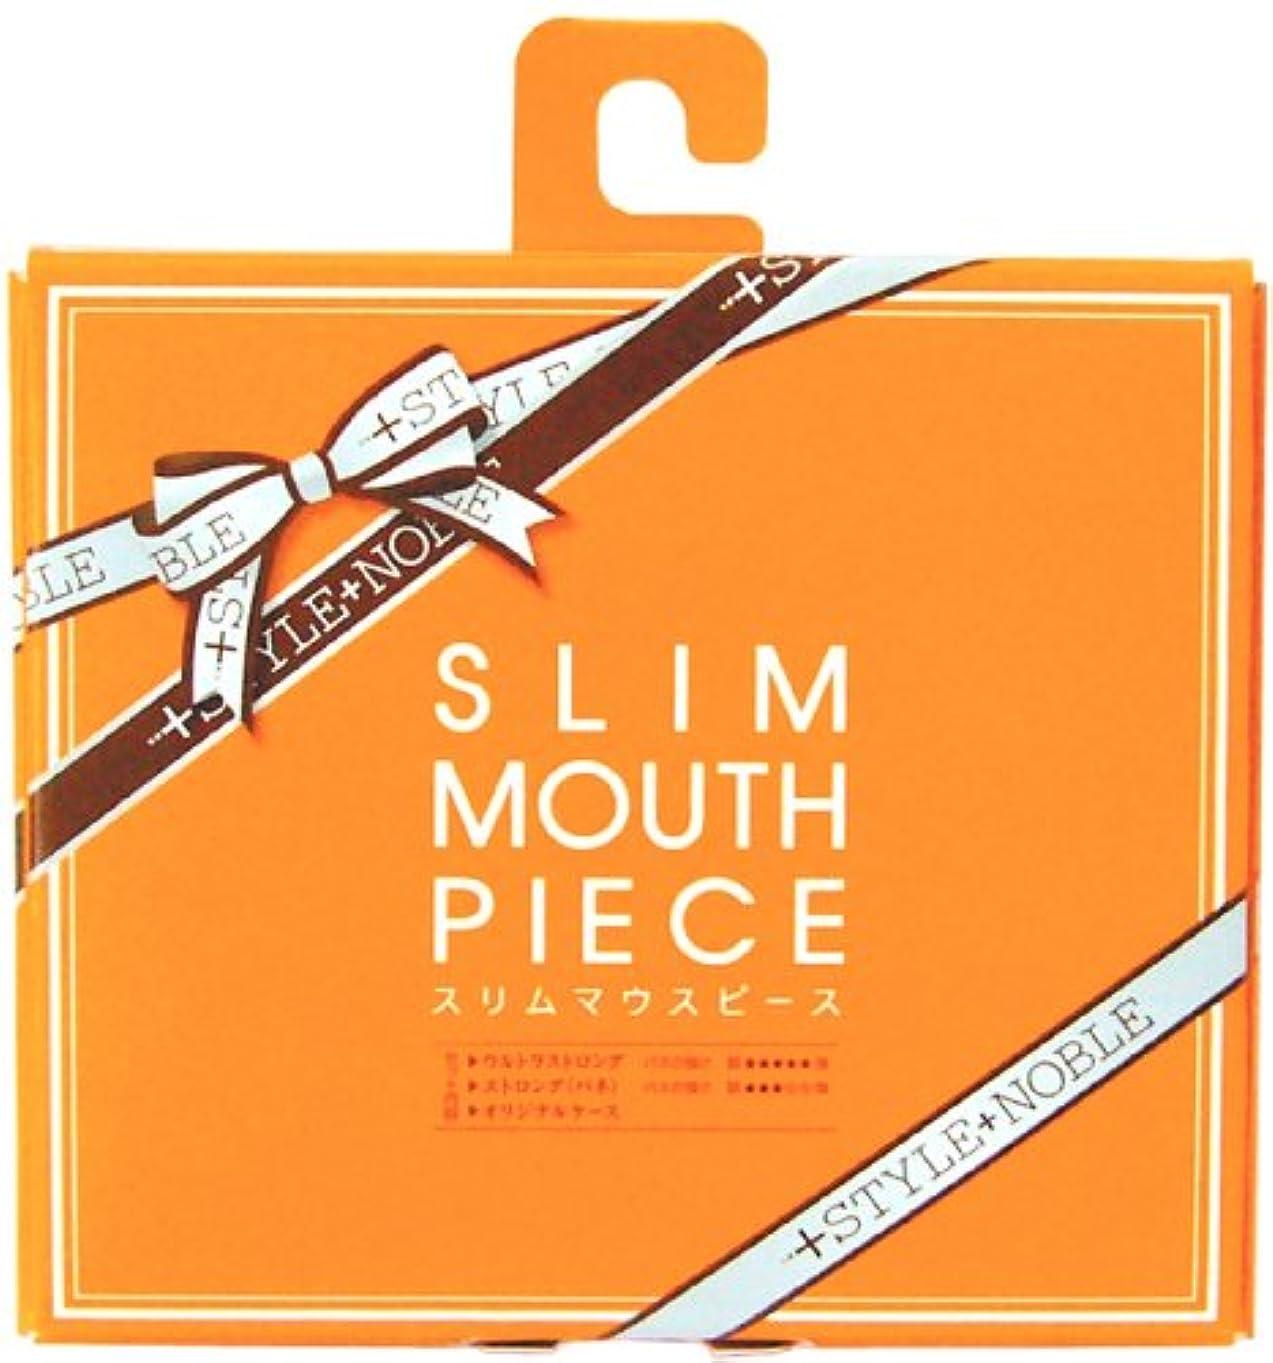 ヨーグルト霧深いシエスタノーブル スリウマウスピース 発売17周年セット